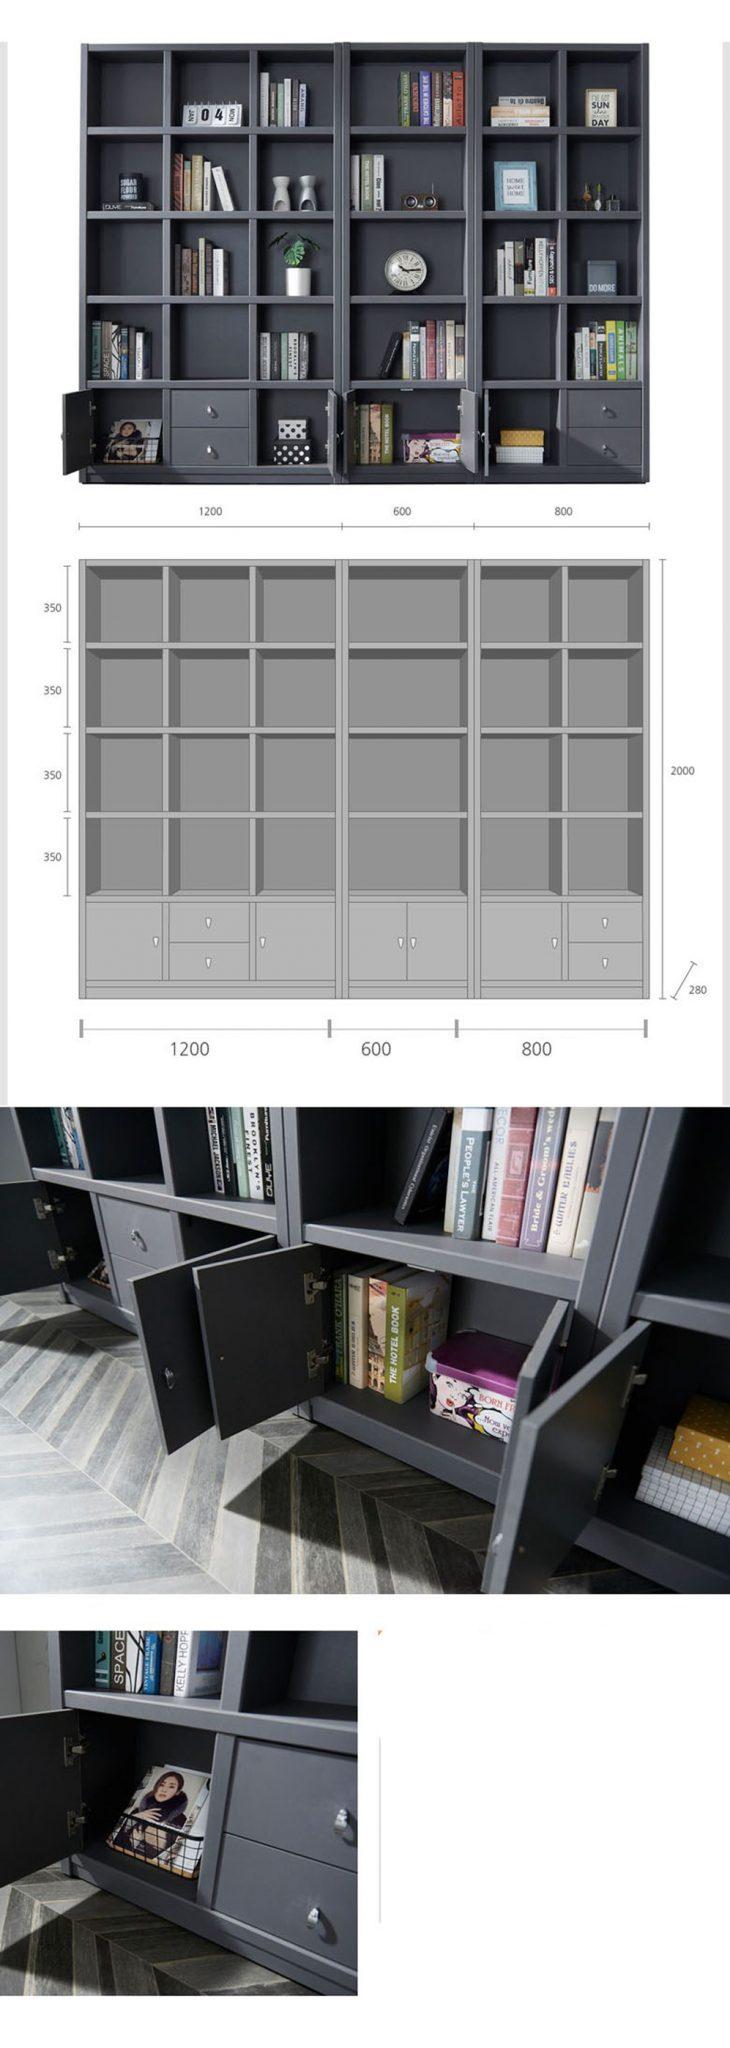 Với kích thước bạn dễ dàng sử dụng được nhiều món đồ khác nhau bạn không còn phải đau đầu suy nghĩ để trang trí một bức tường mới như thế nào.